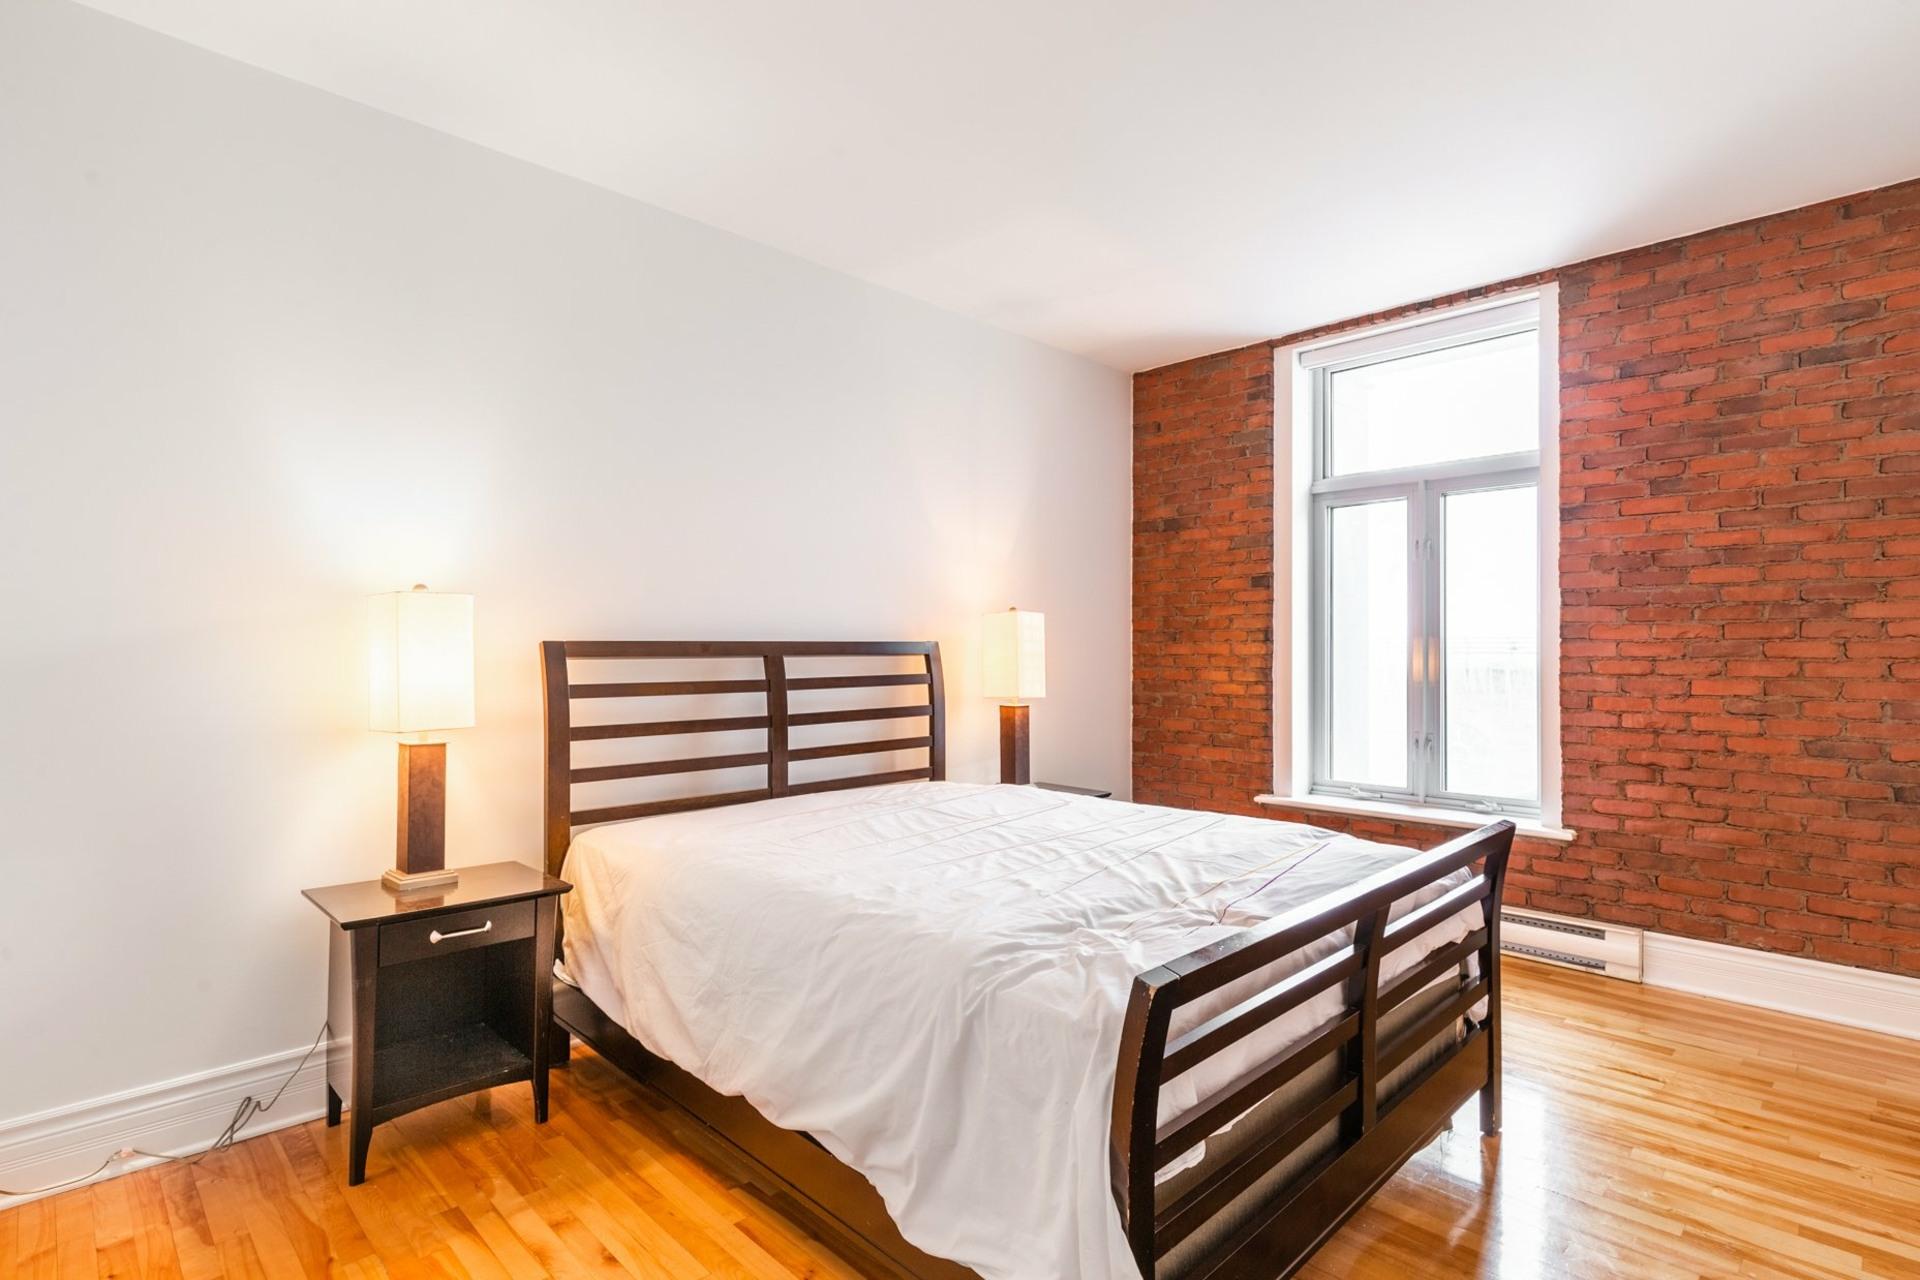 image 9 - Appartement À louer Le Plateau-Mont-Royal Montréal  - 5 pièces